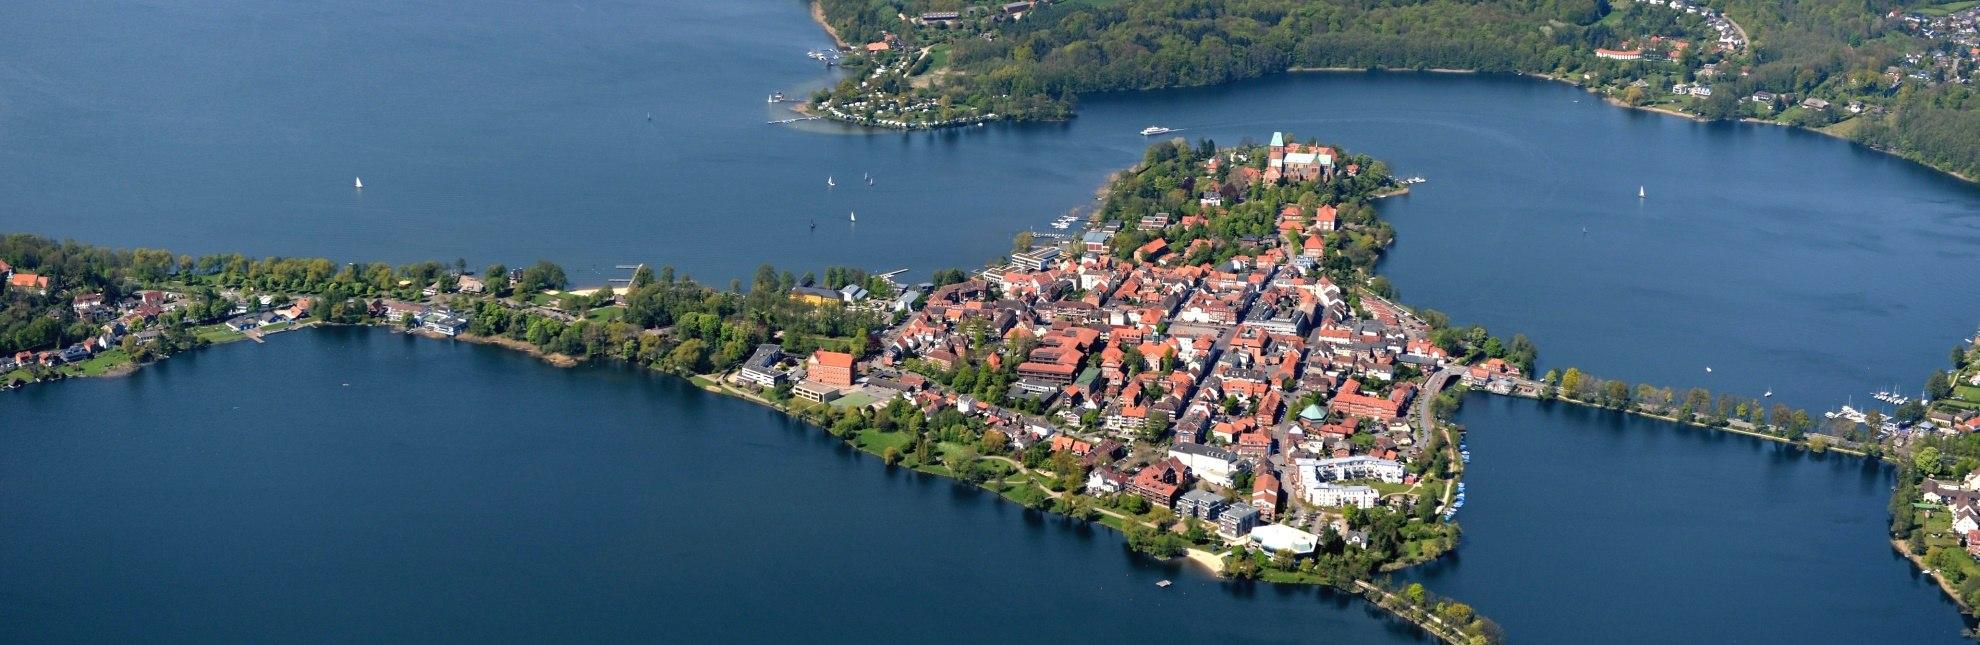 Die Stadtinsel im Ratzeburger See ist durch drei Dämme mit dem Festland verbunden., © Tourist-Info Ratzeburg / Burkhard Kuhn